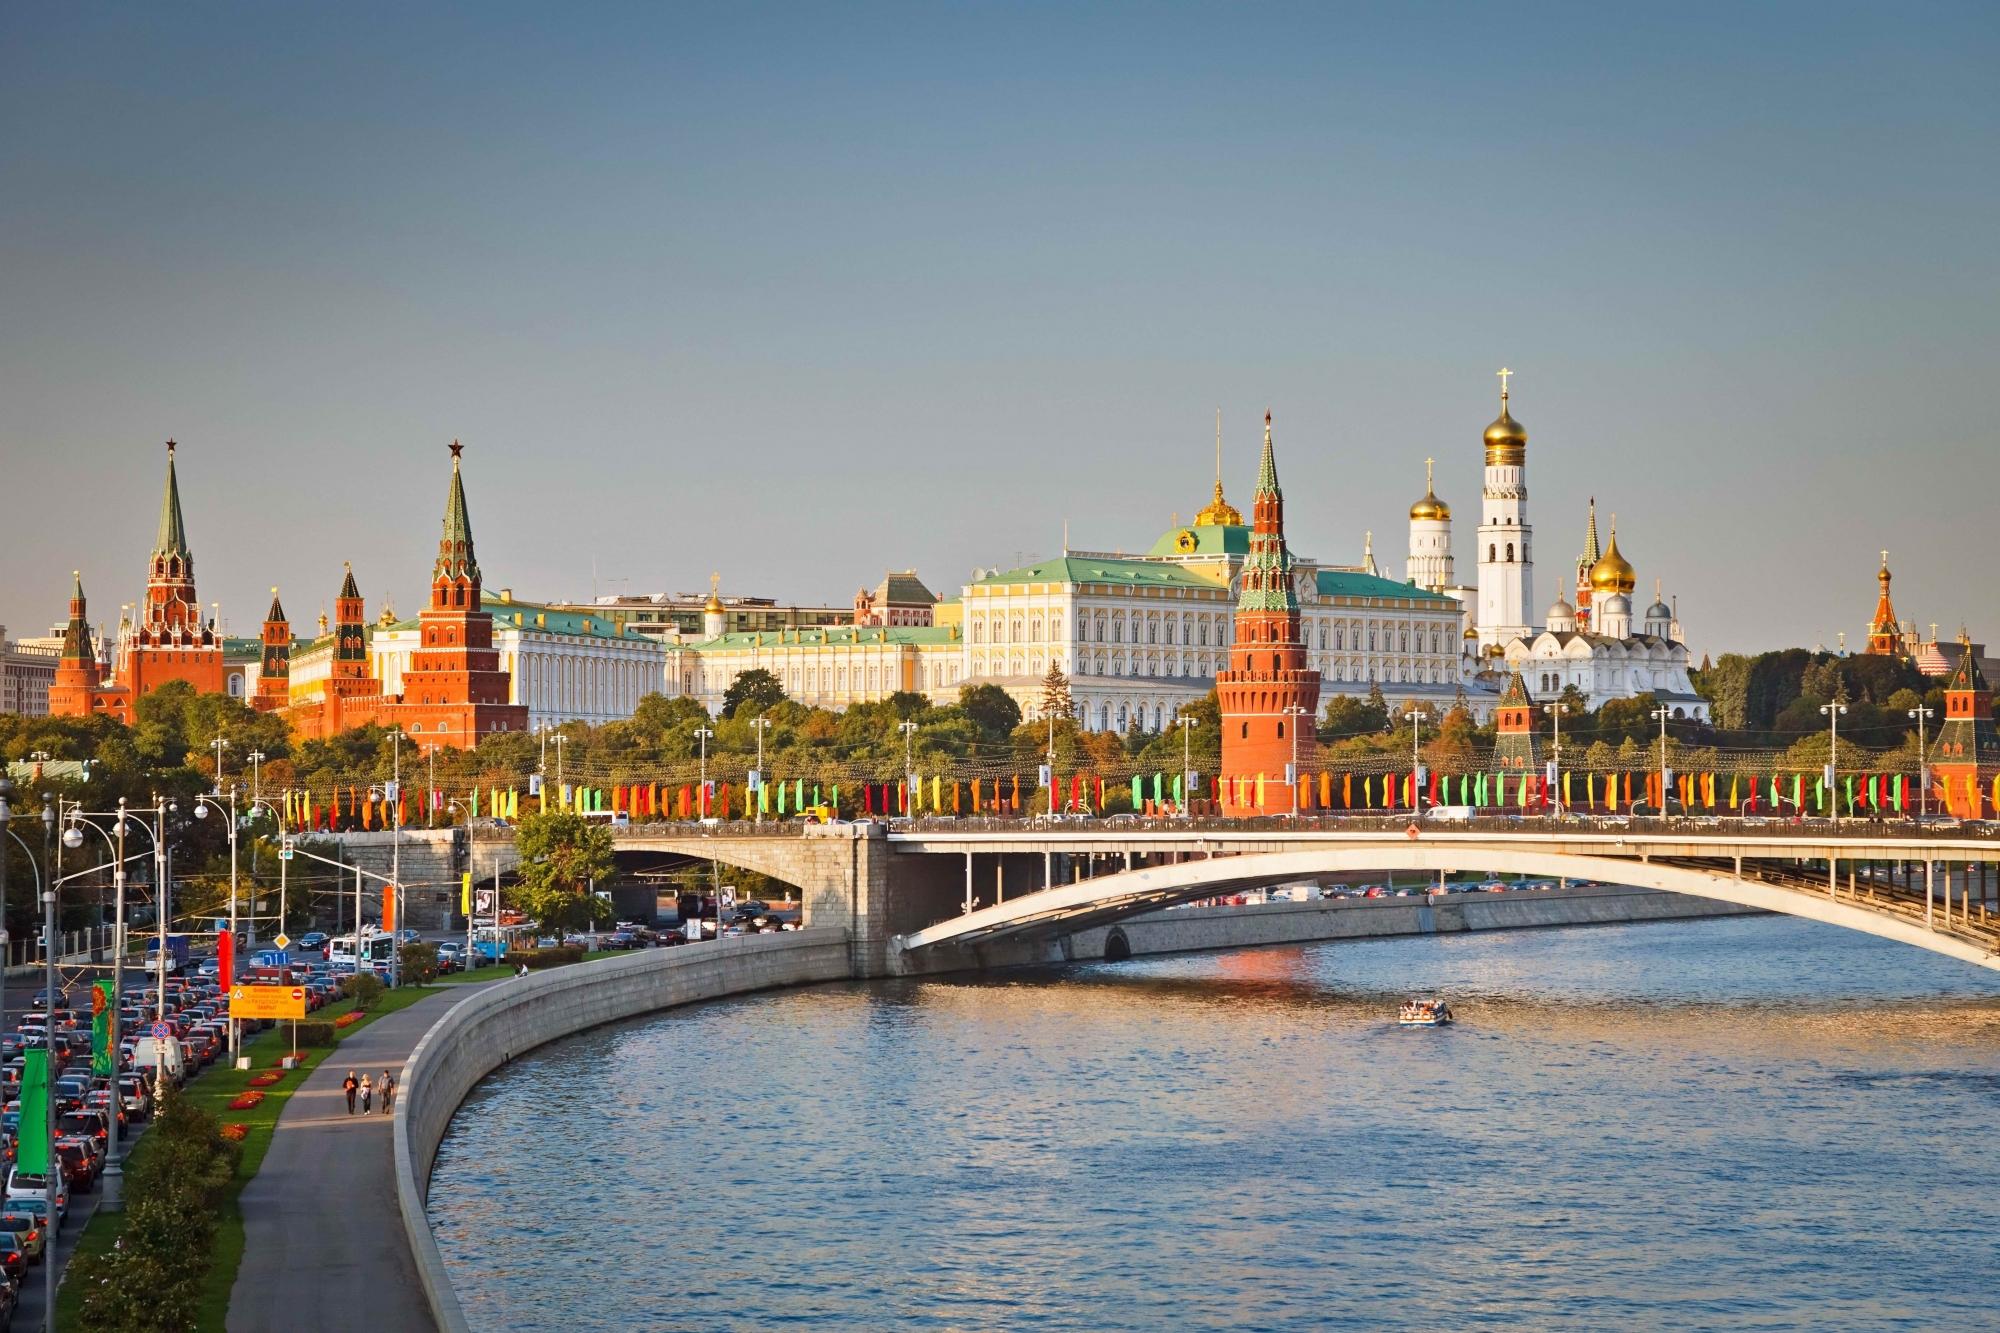 Đêm trắng ở St.Peterburg, mơ hồ giữa ngày và đêm